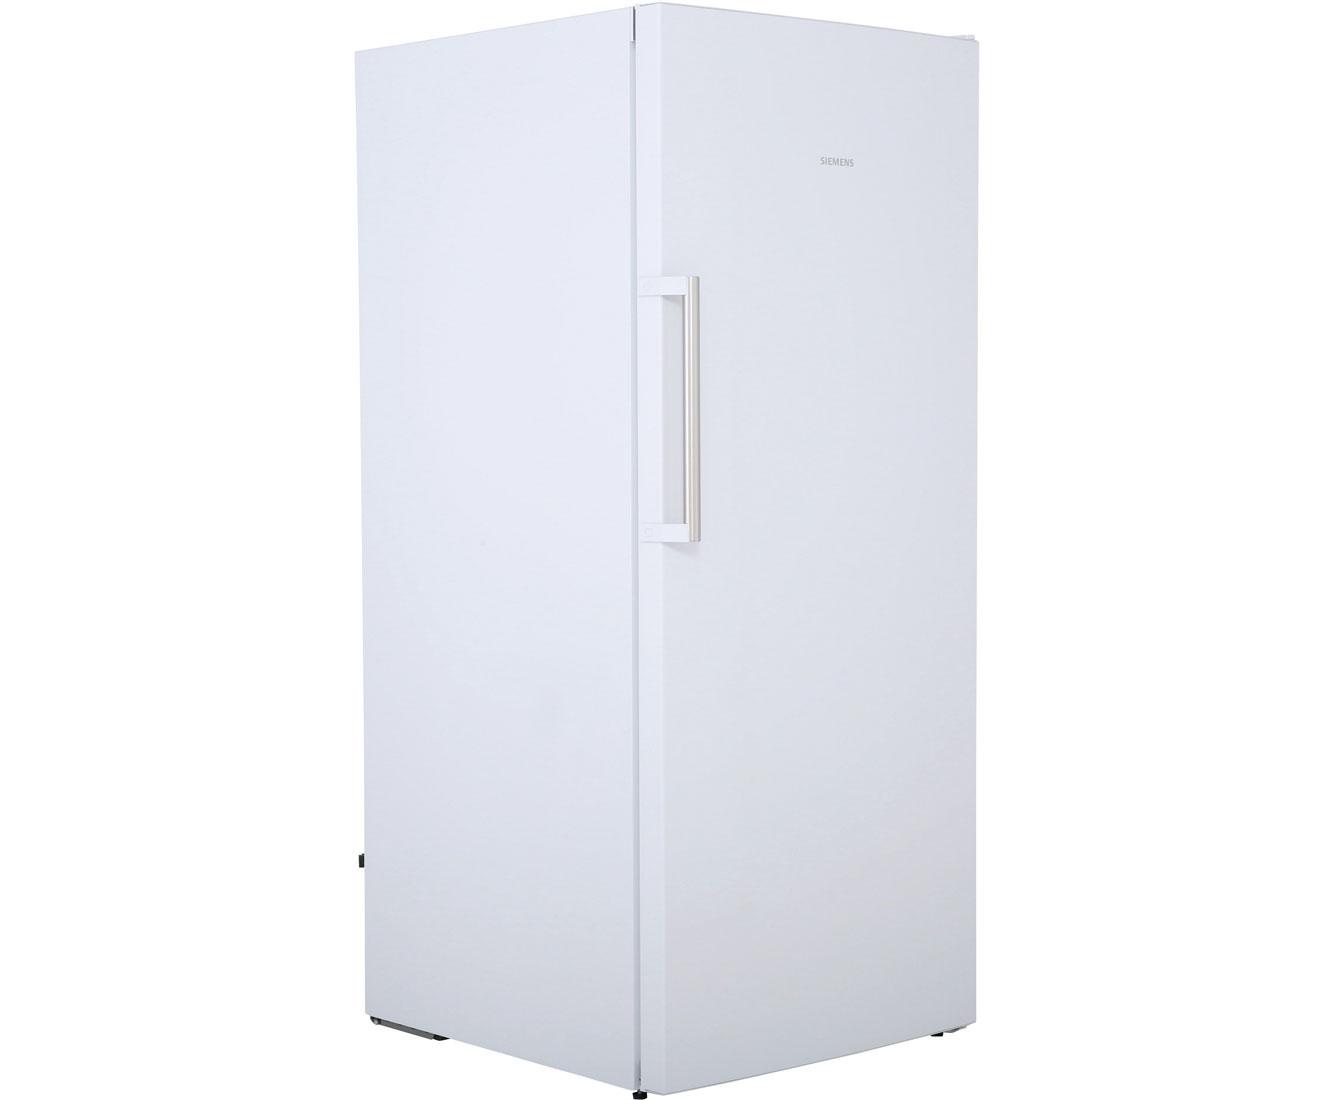 Siemens Kühlschrank Q500 : Siemens iq gs nfw gefrierschrank mit no frost l weiß a